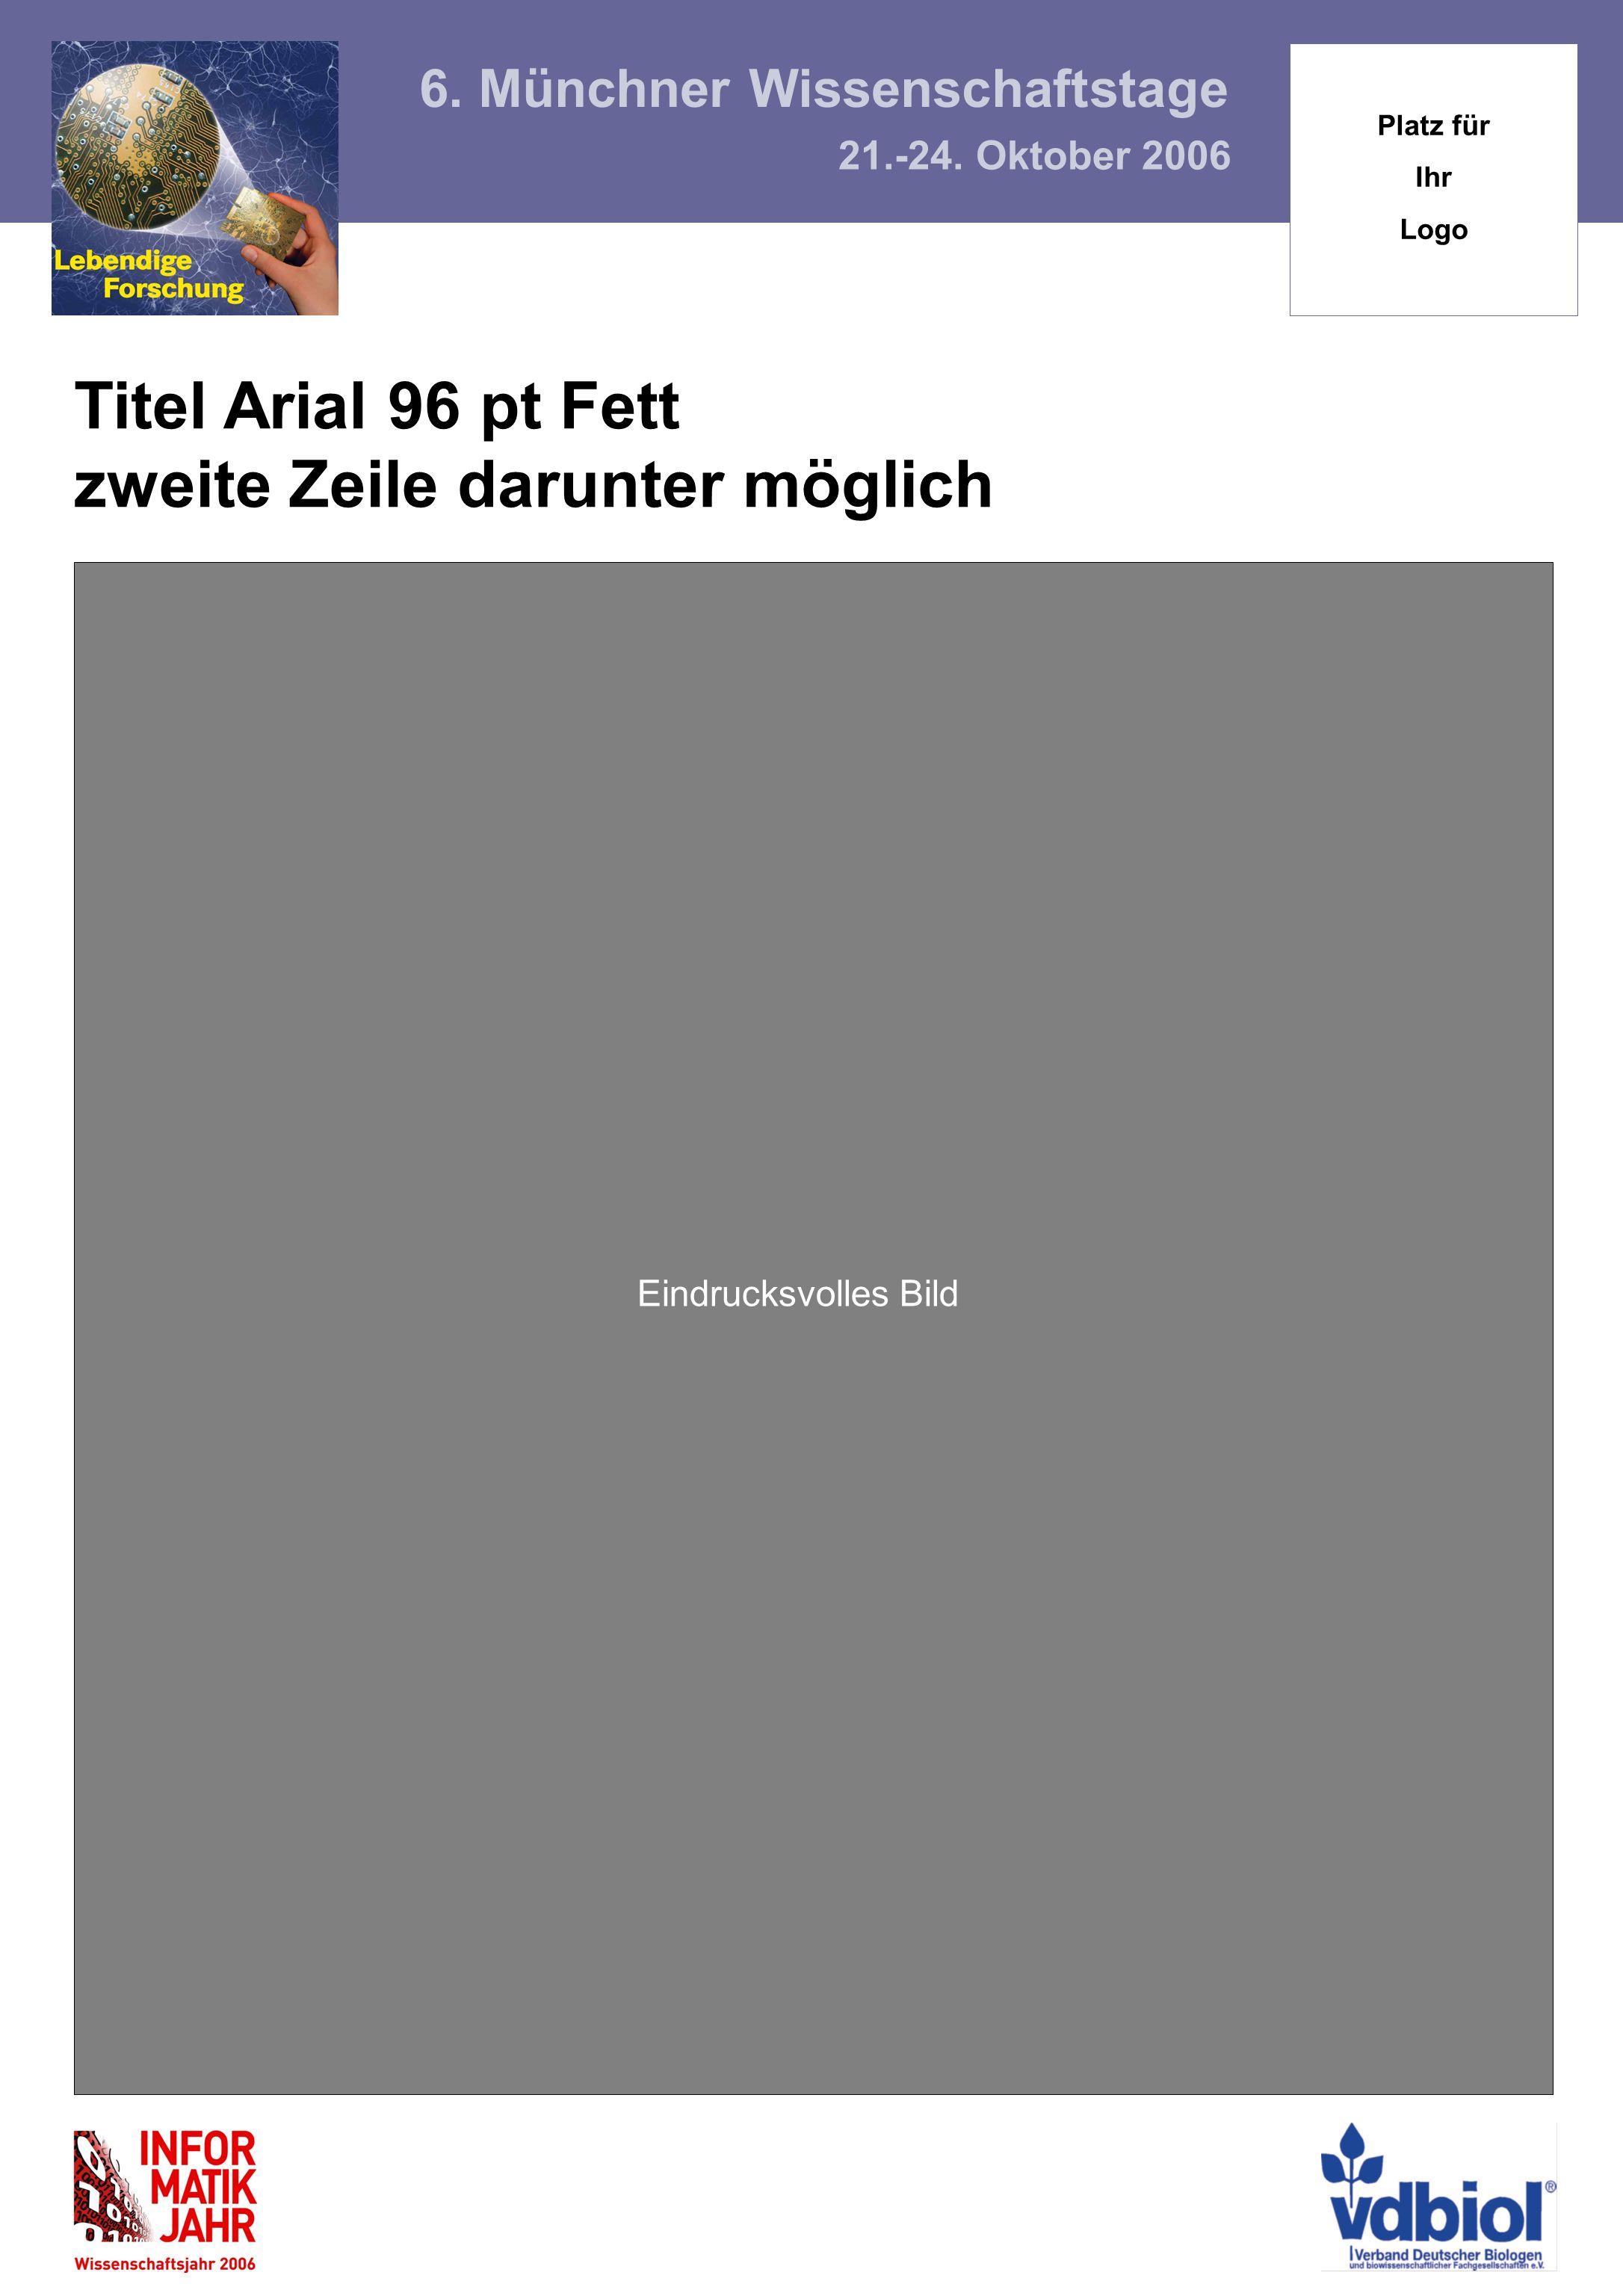 Titel Arial 96 pt Fett zweite Zeile darunter möglich Eindrucksvolles Bild 6.